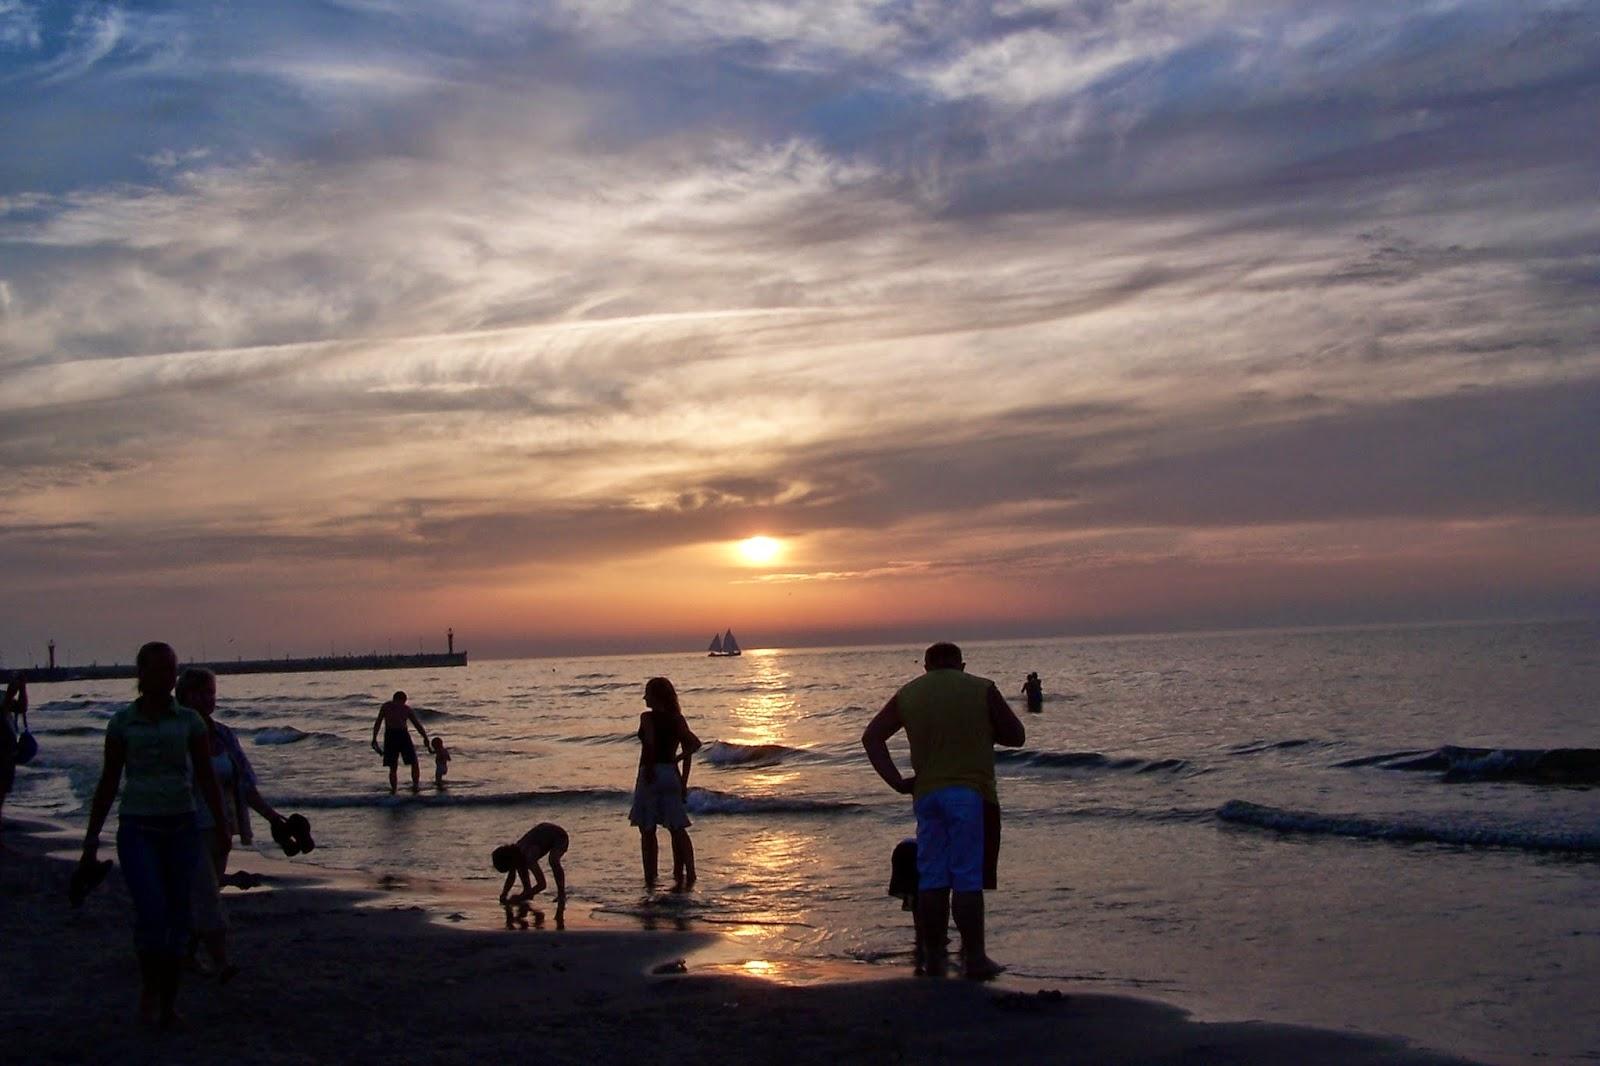 Zachody słońca- na pograniczu dnia i nocy